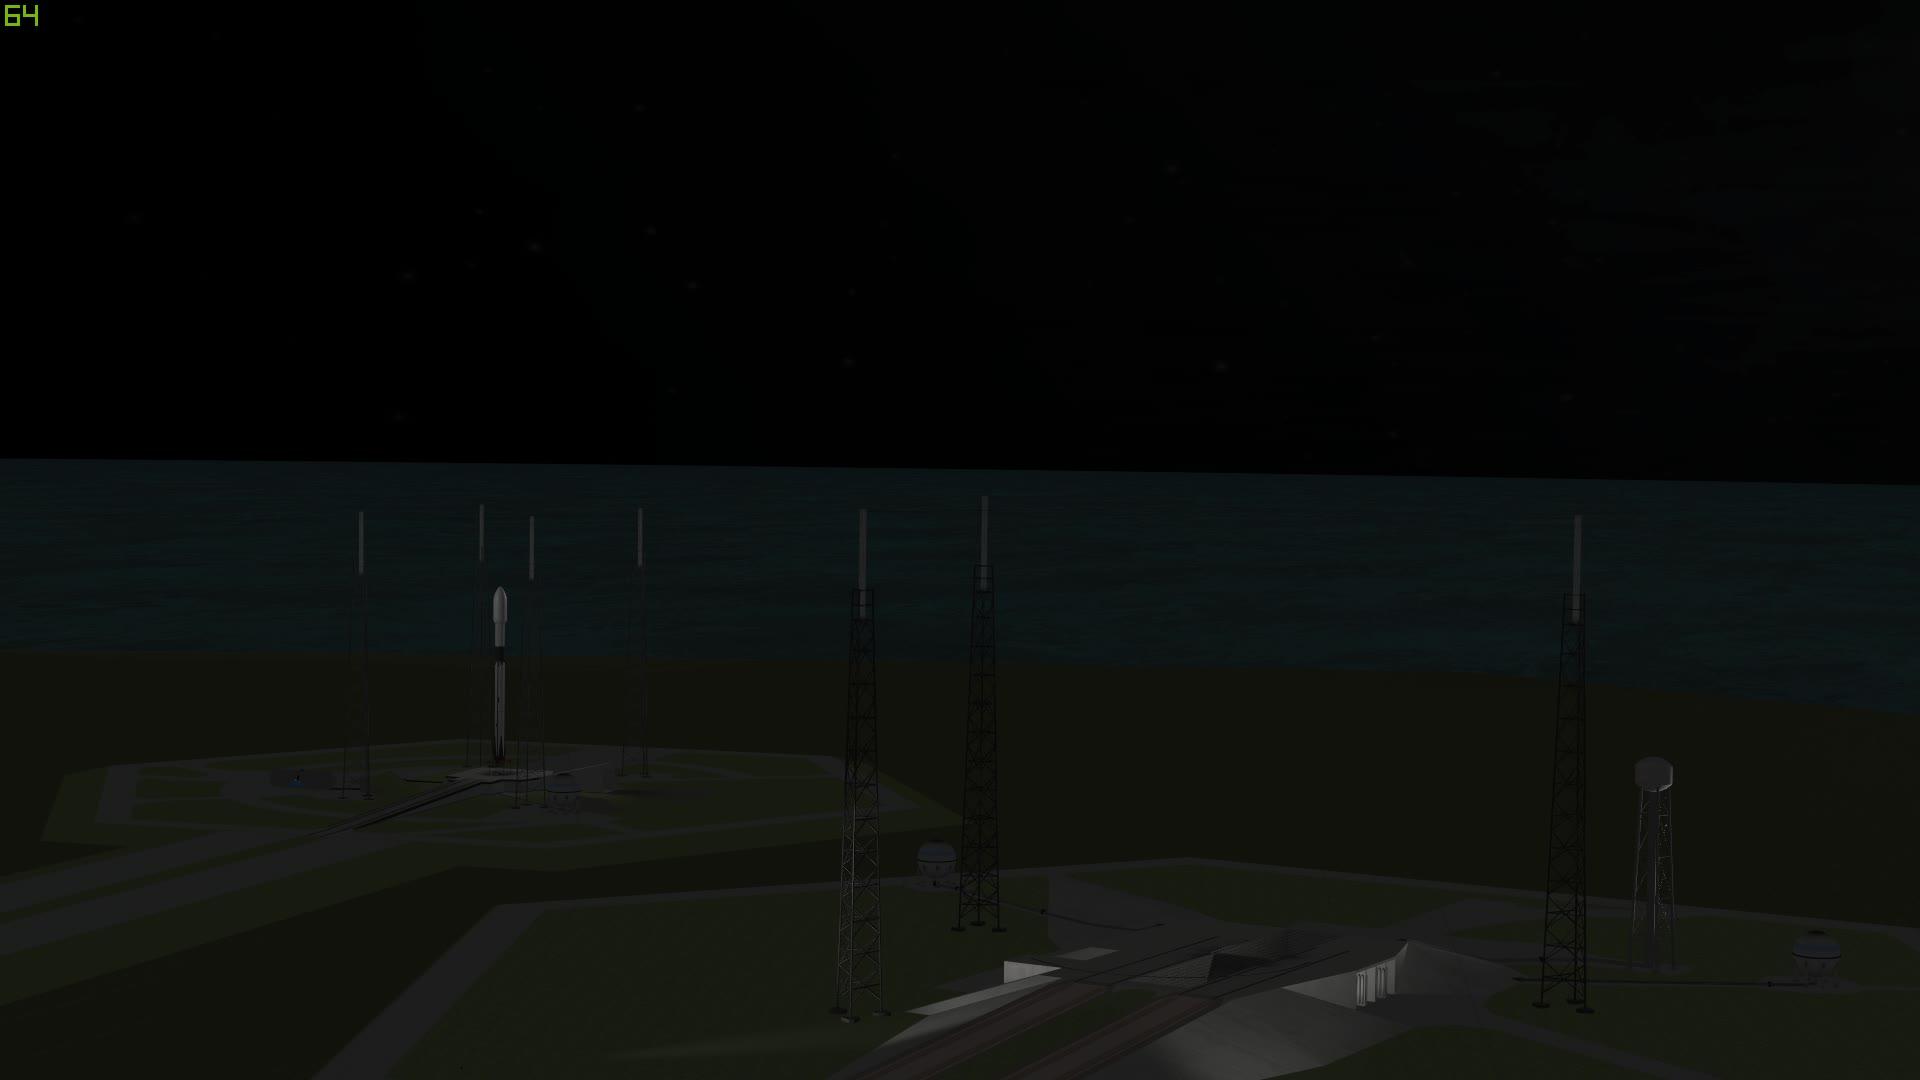 kerbalspaceprogram, Kerbal Space Program 2018.09.17 - 22.27.10.07 GIFs